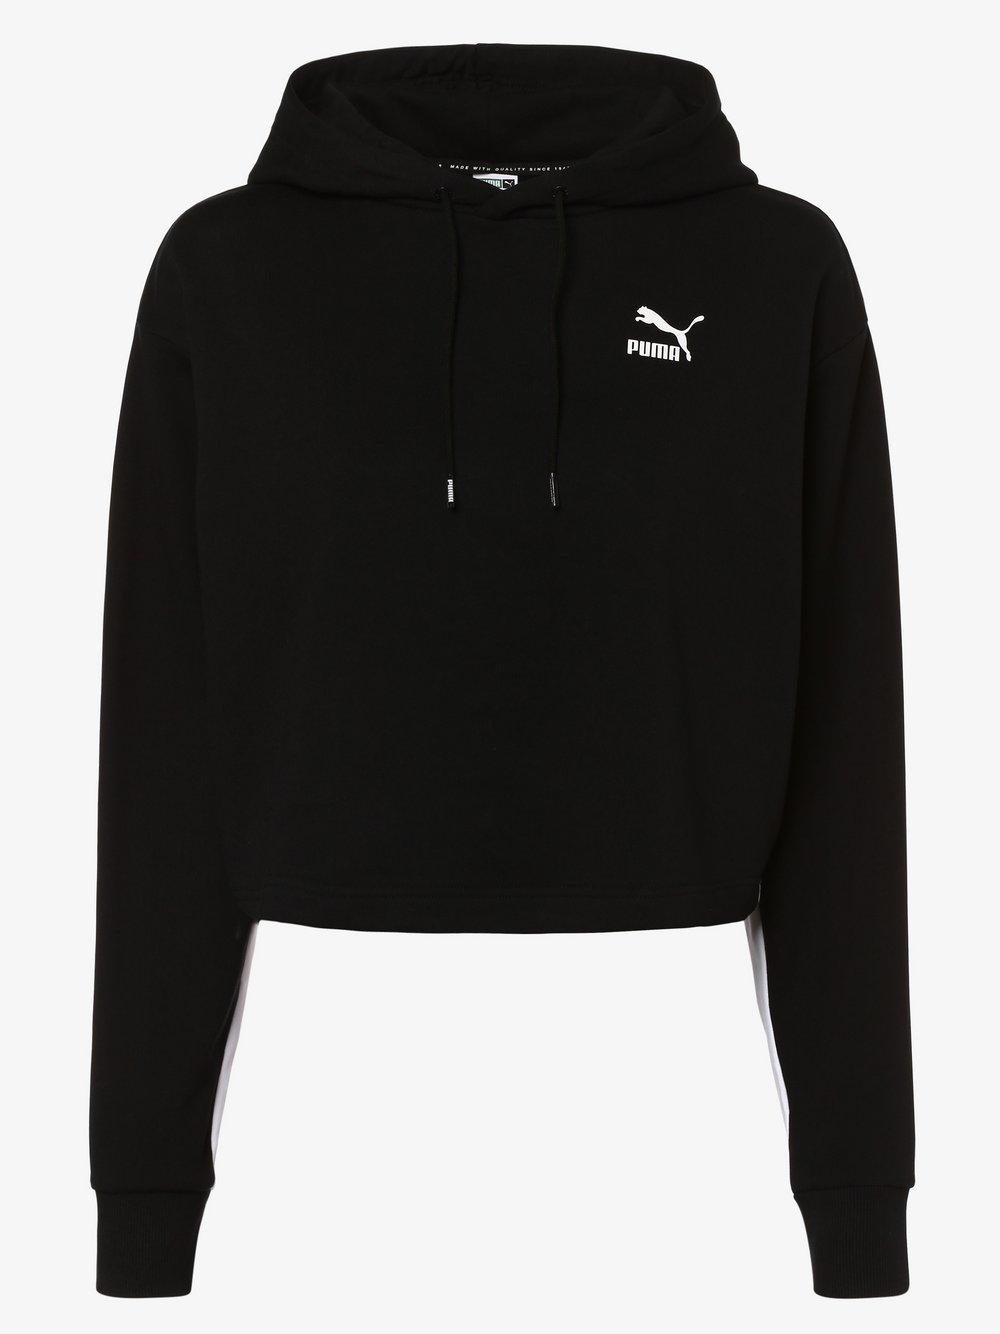 Puma - Damska bluza nierozpinana, czarny